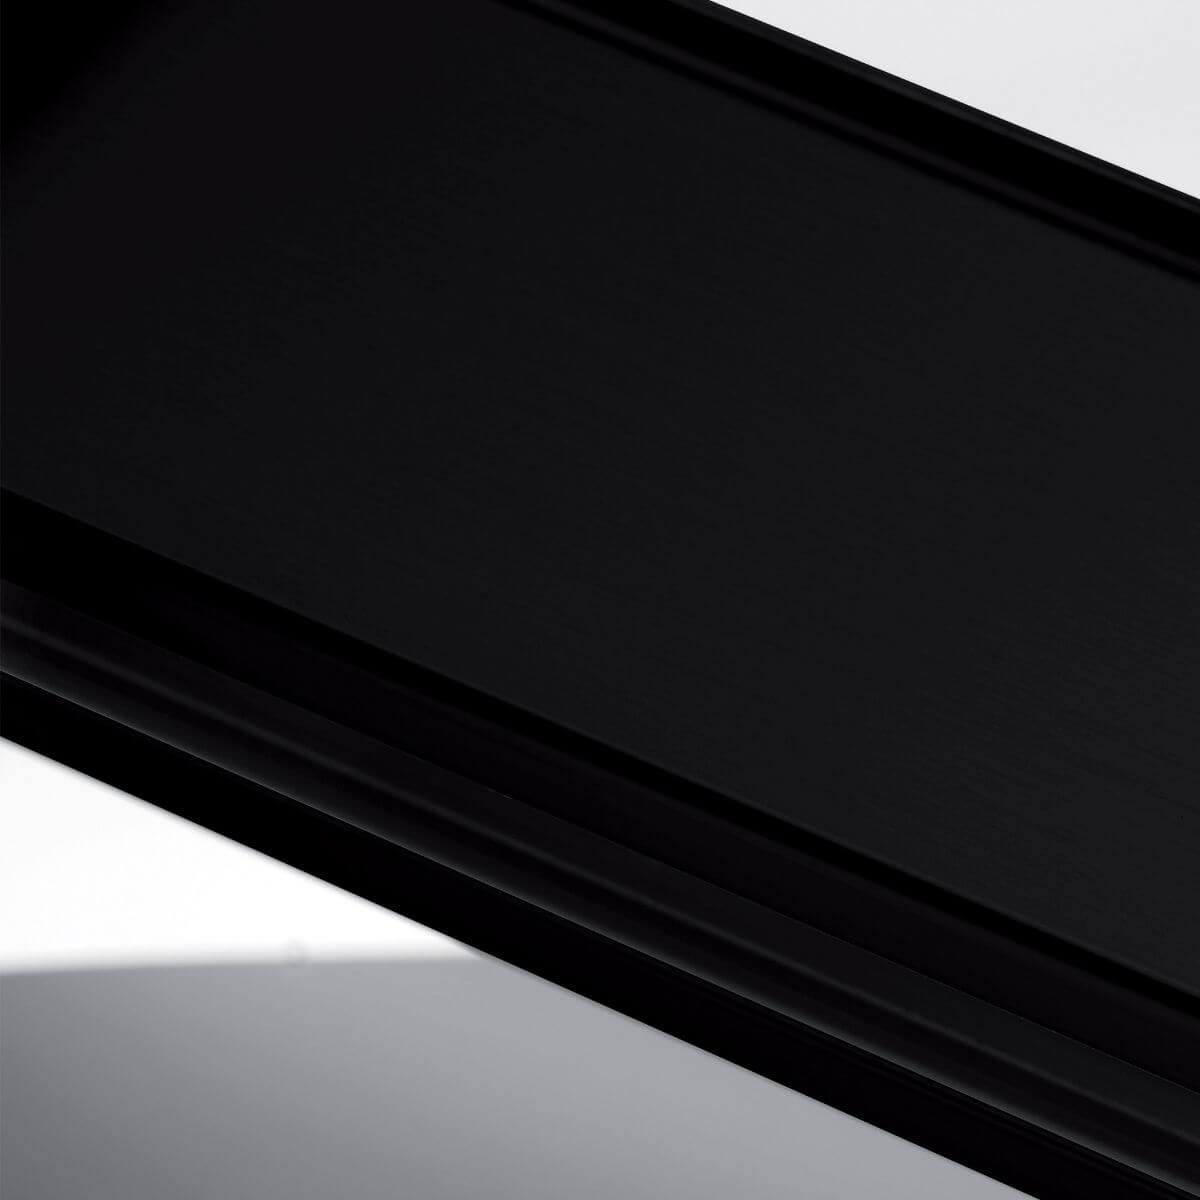 Finitura alluminio nero ral 9005 per parete in vetro